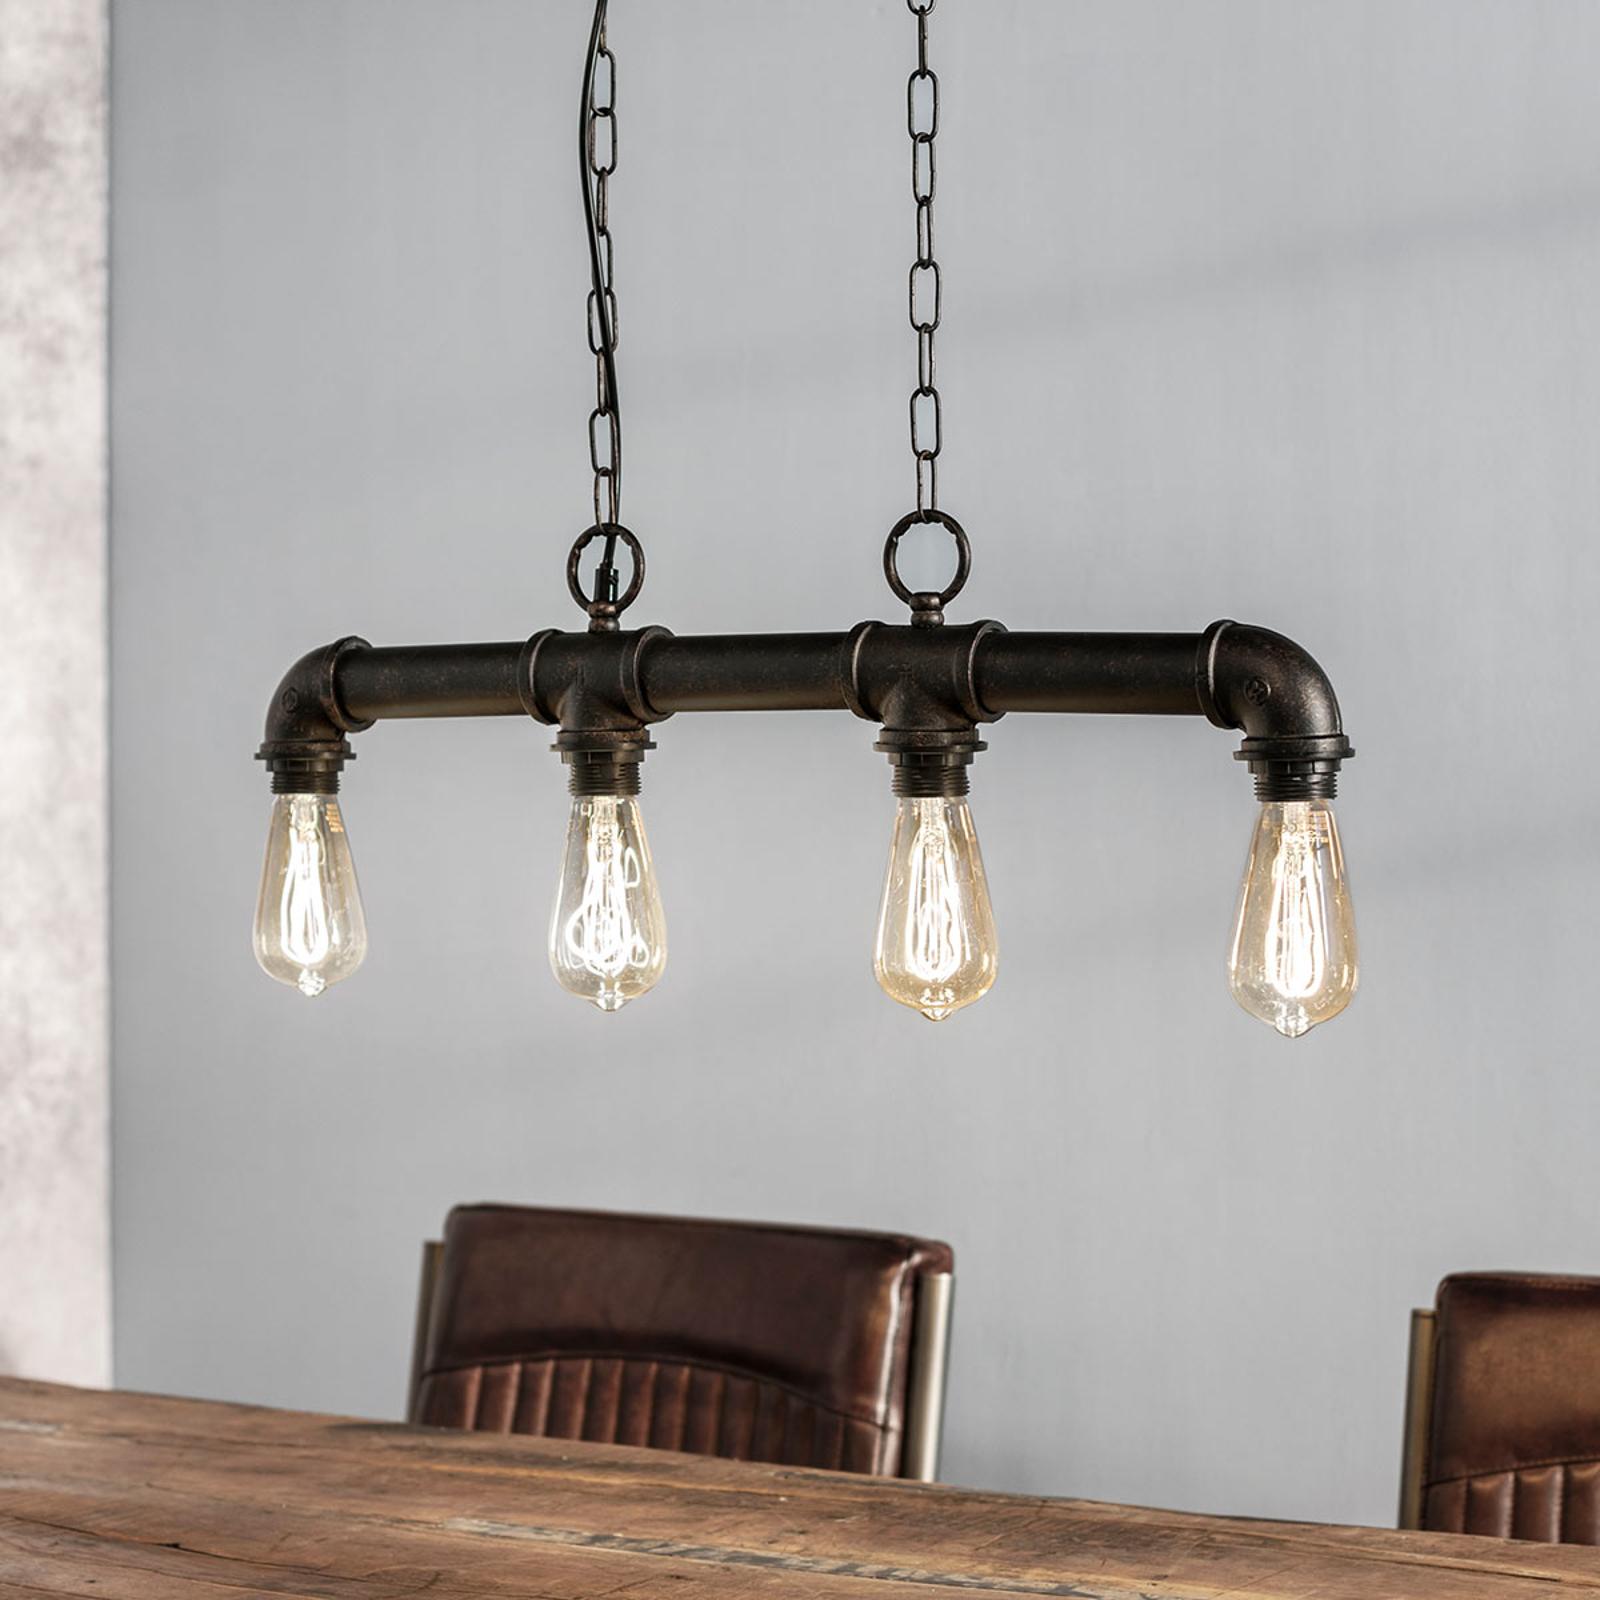 Delare - hanglamp met 4 lampjes in ruwe optiek